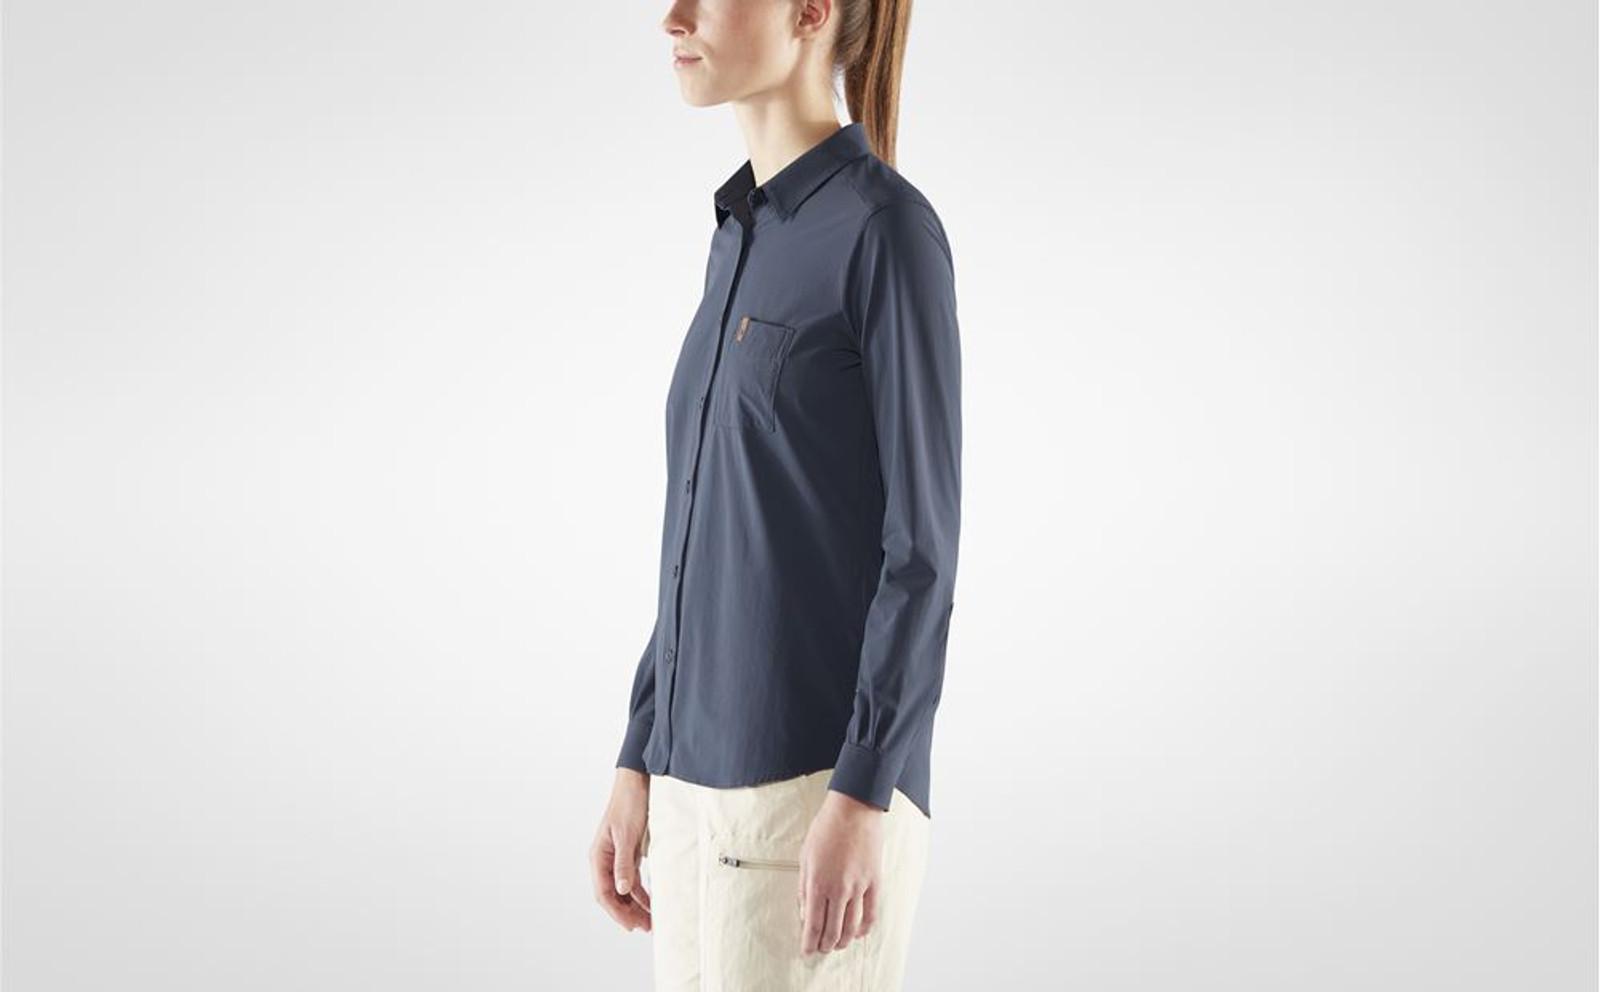 Fjällräven Övik Lite Shirt, Women's, Navy - F89980-560 (F89980-560) on model